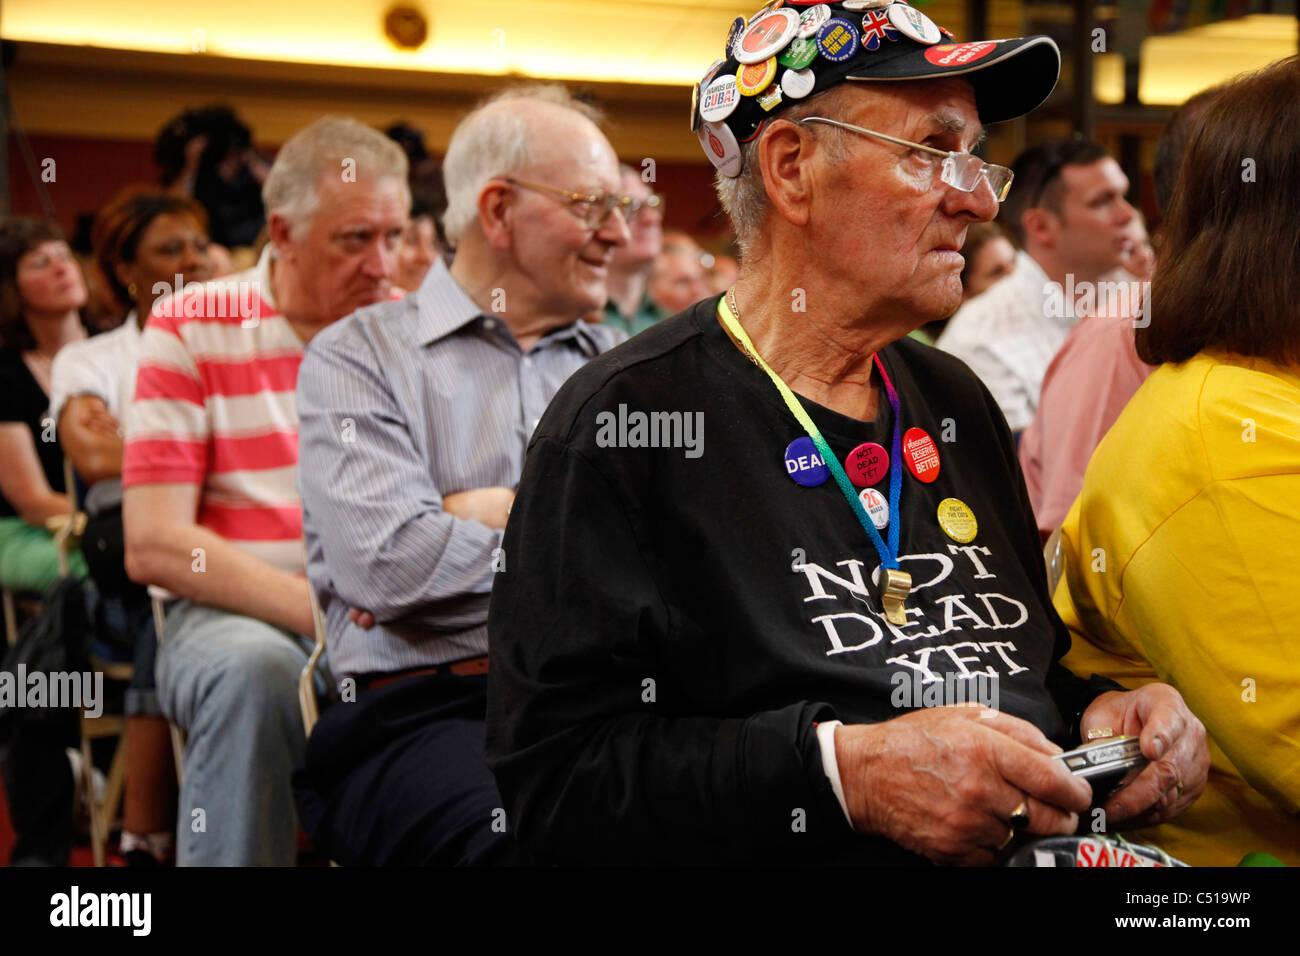 Uomo anziano che indossa un top che si legge: ancora morto. Immagini Stock